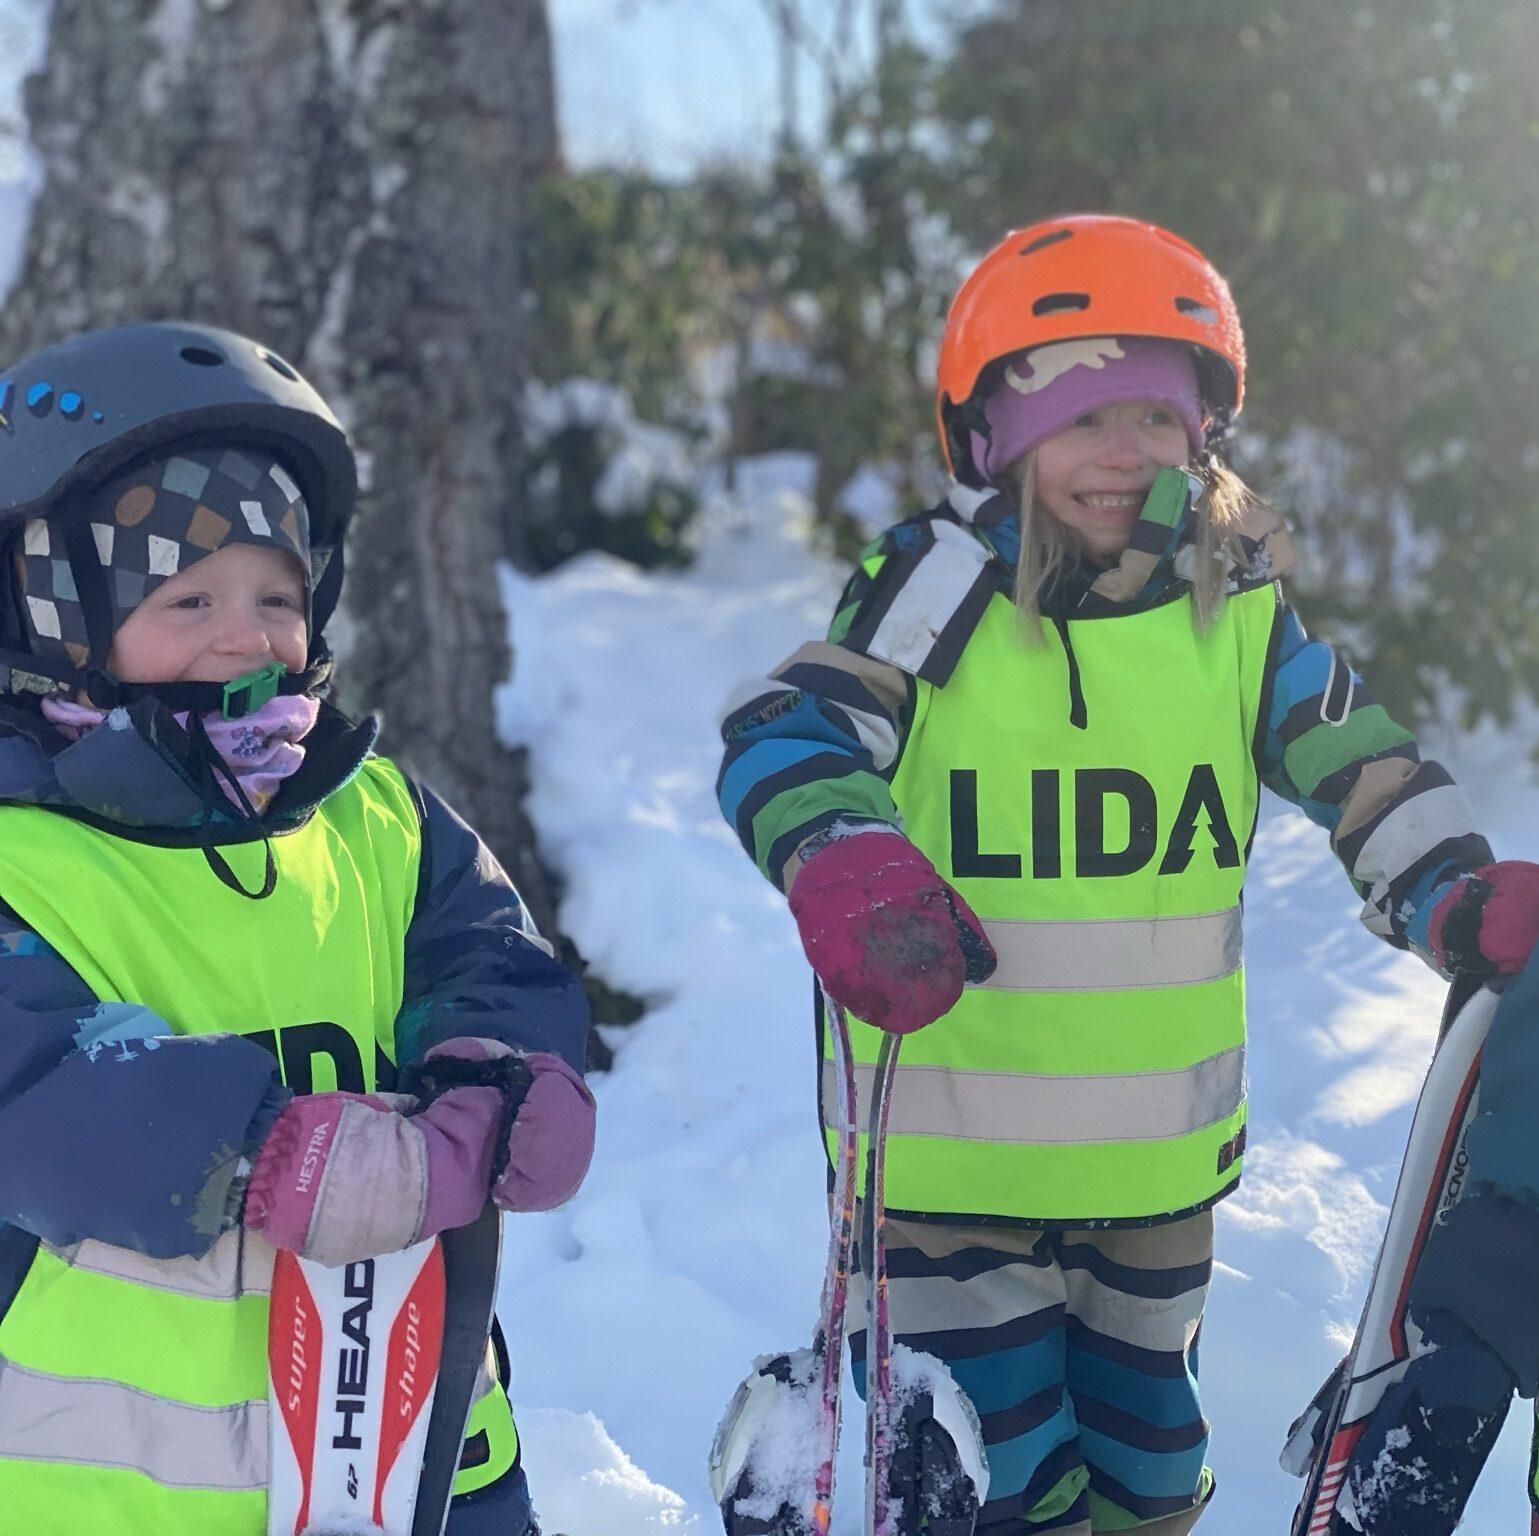 glada barn står i skidbacke. Håller skidor och har hjälmar på sig.